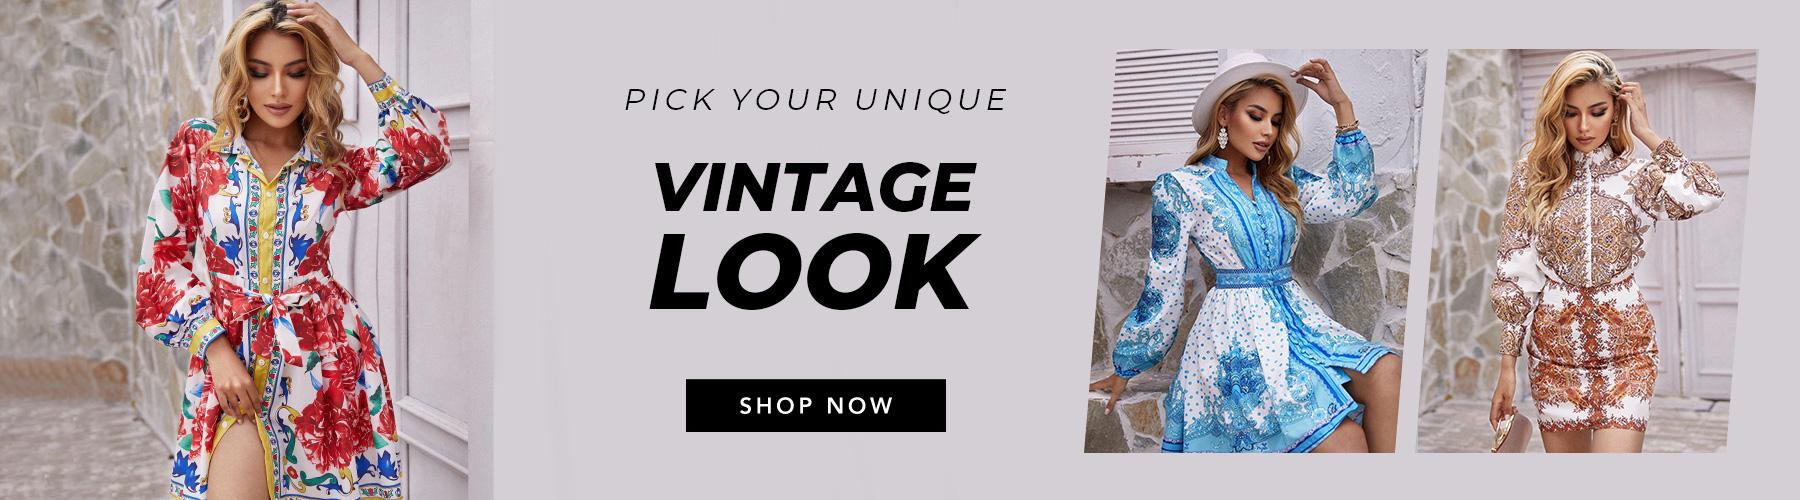 Pick your unique vintage look